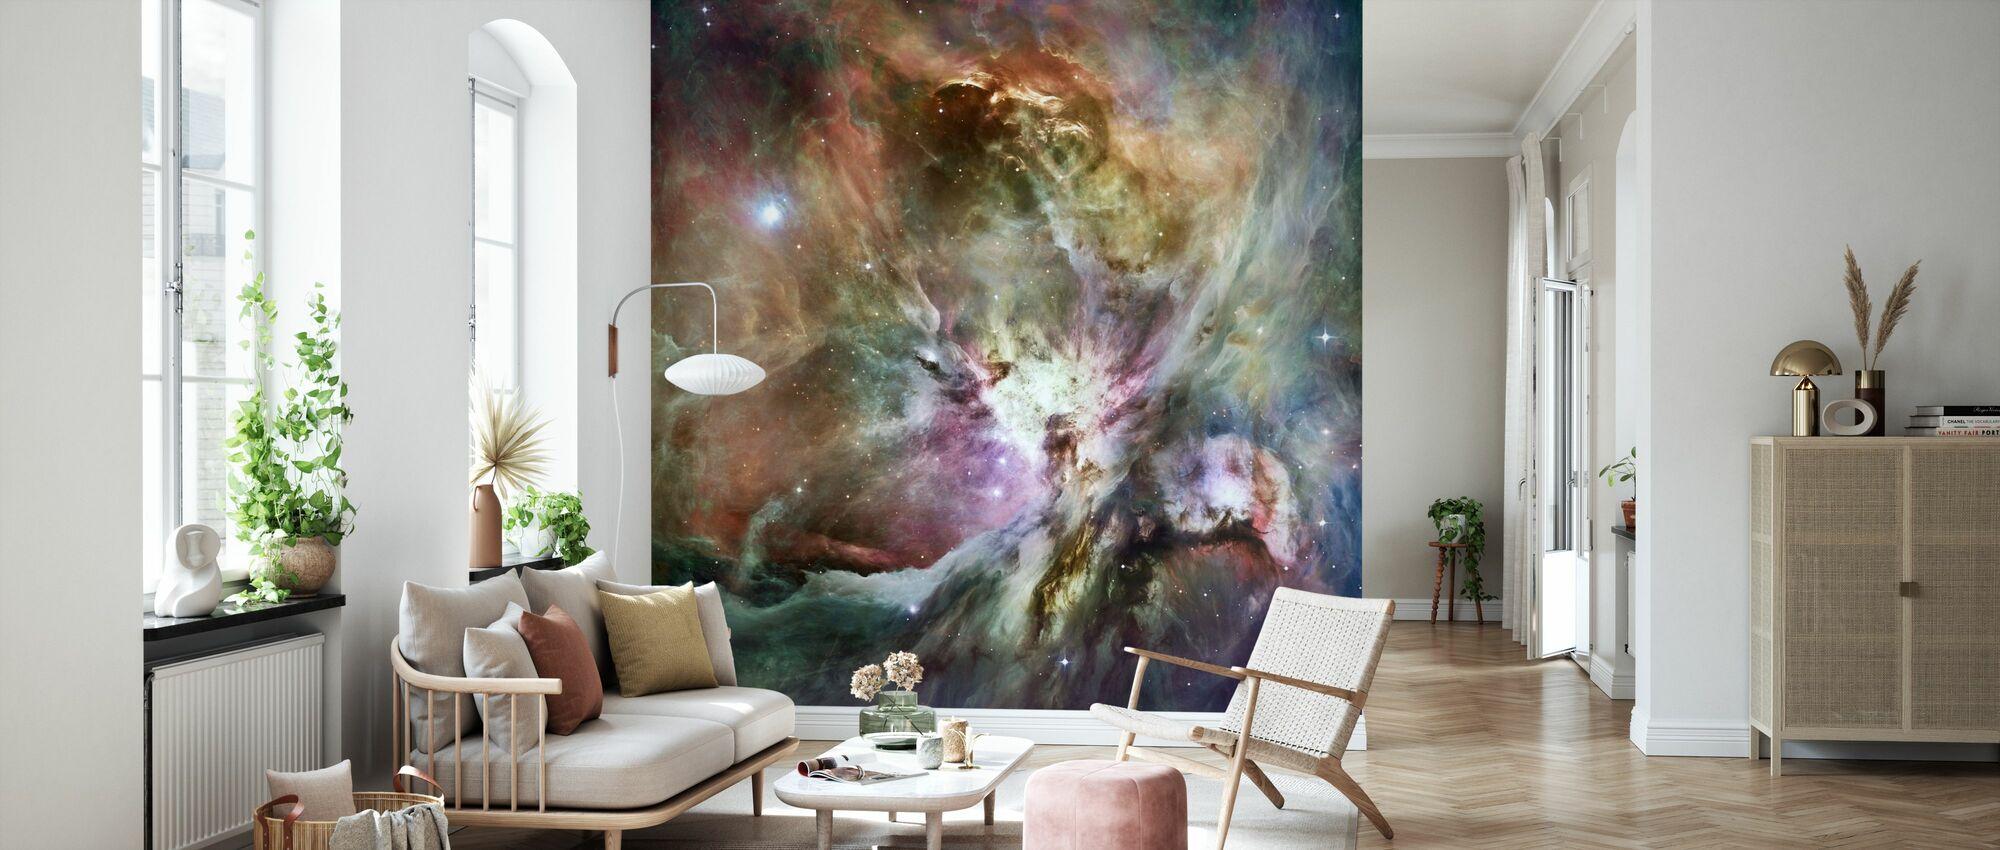 Orion Nebula - Wallpaper - Living Room